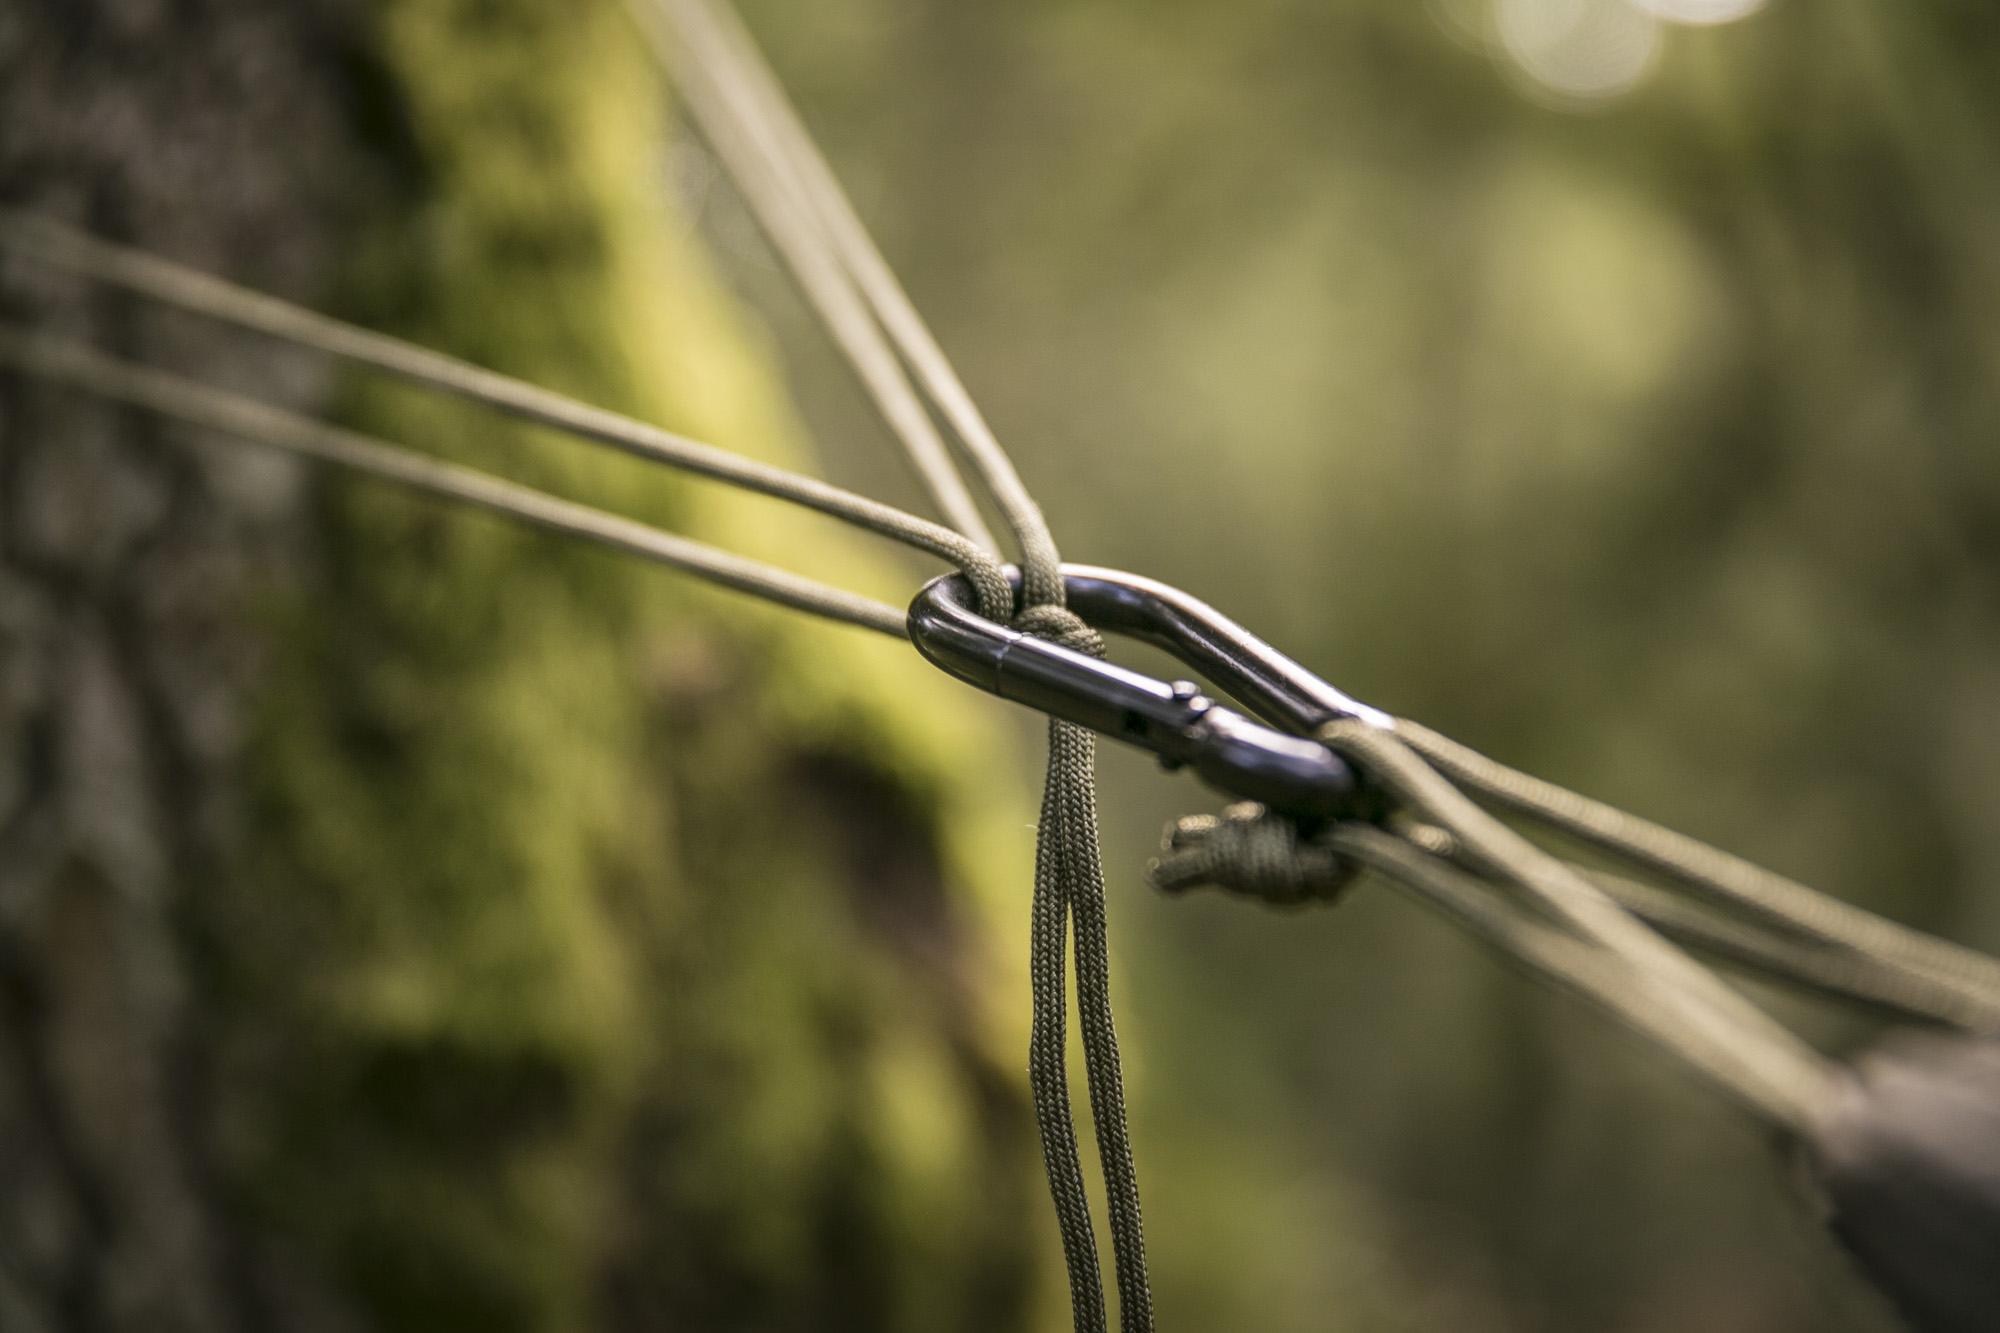 snugpak-jungle-hammock-10